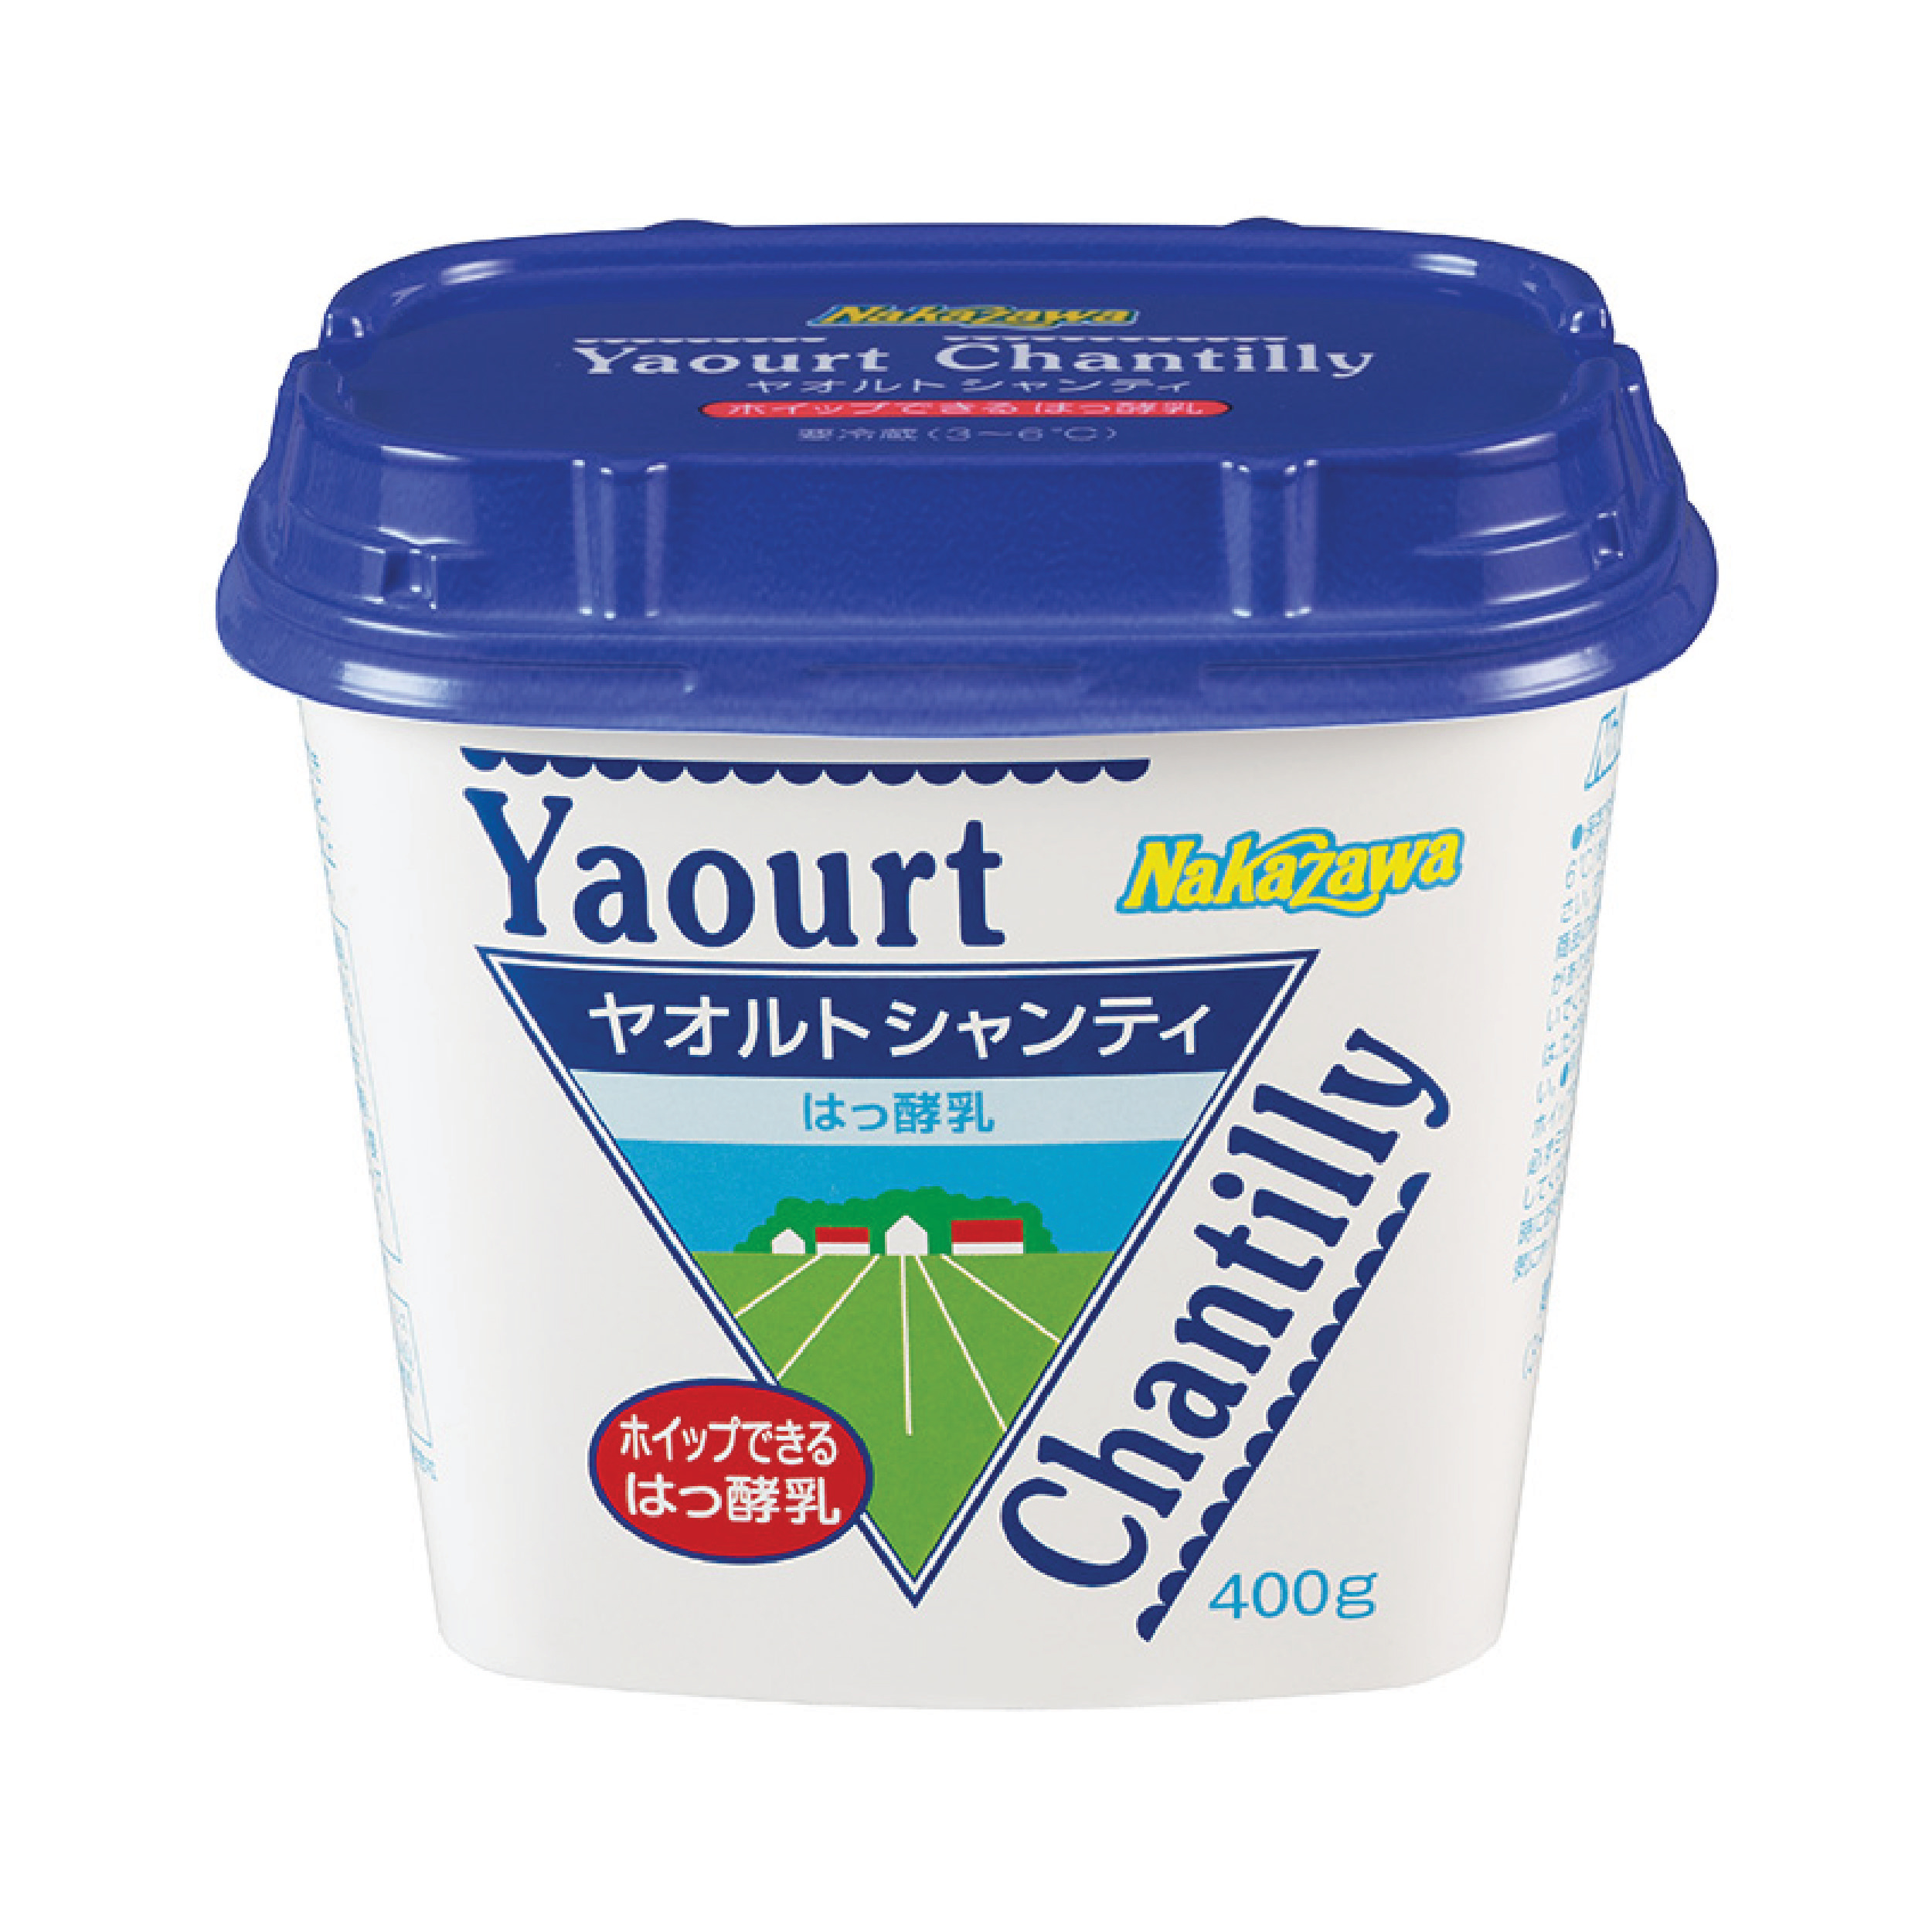 Yoghurt Chantilly